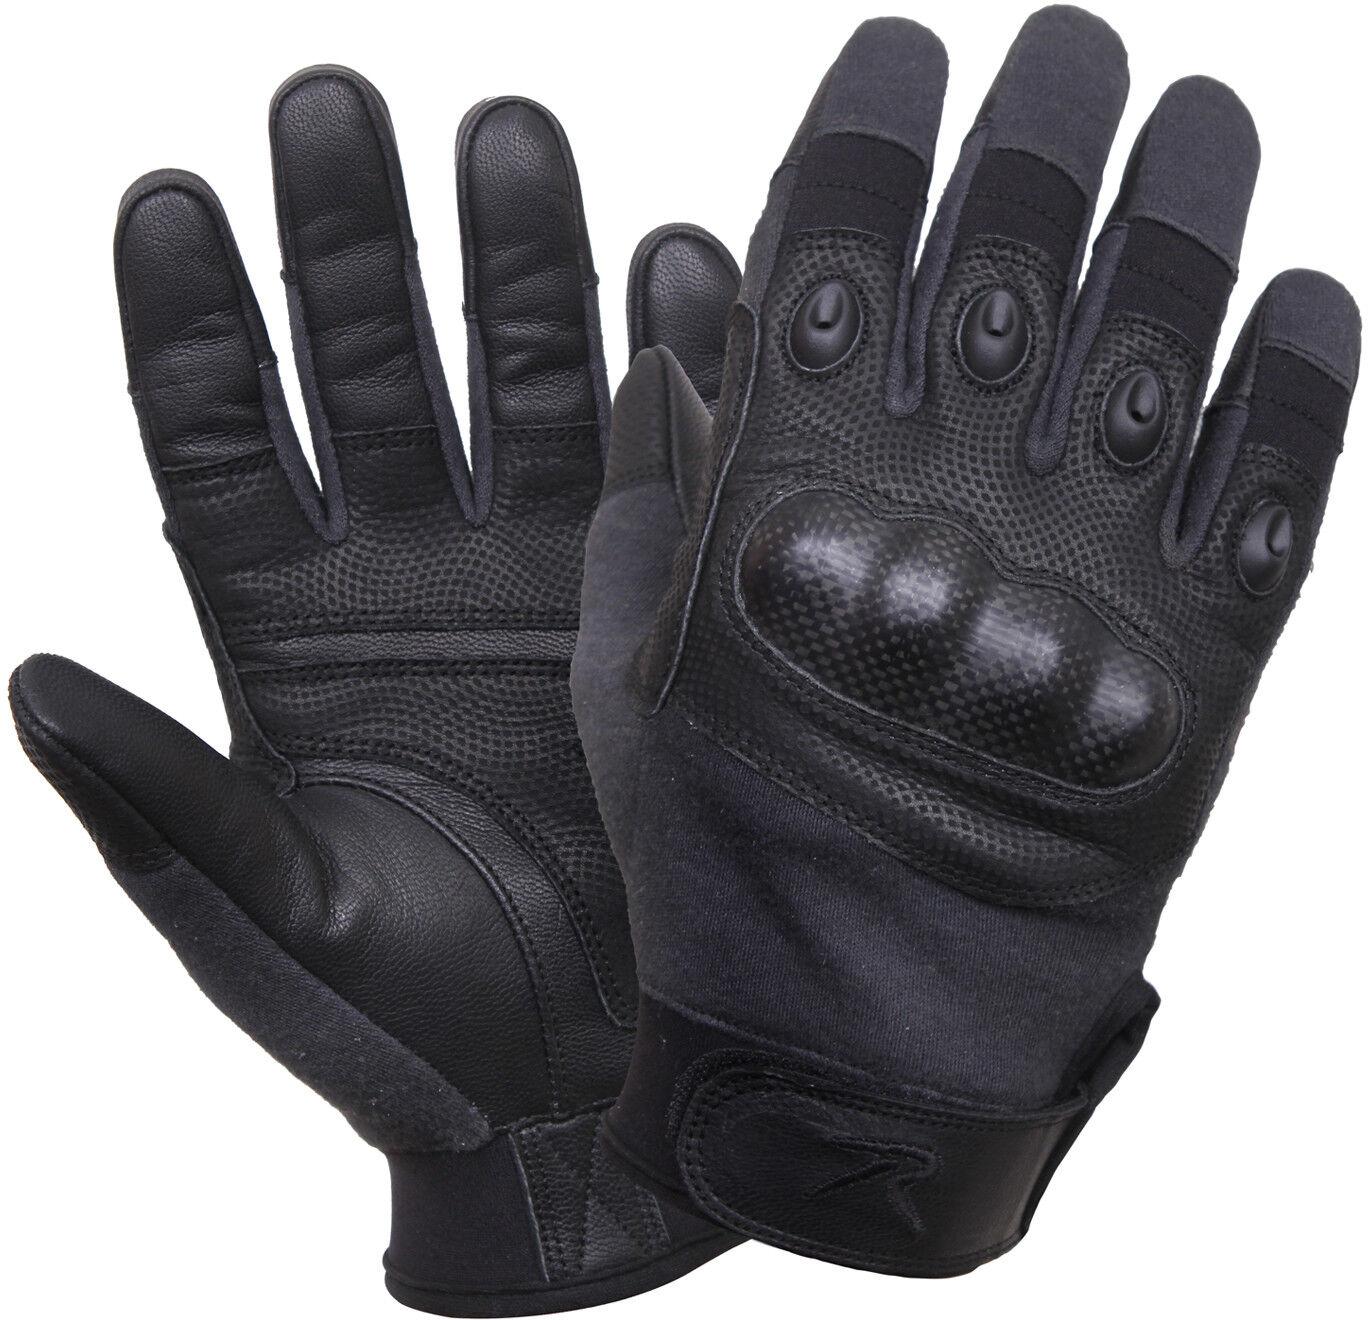 Black Carbon Fiber Hard Knuckle Gloves Tactical Cut & Fire Resistant Full Finger